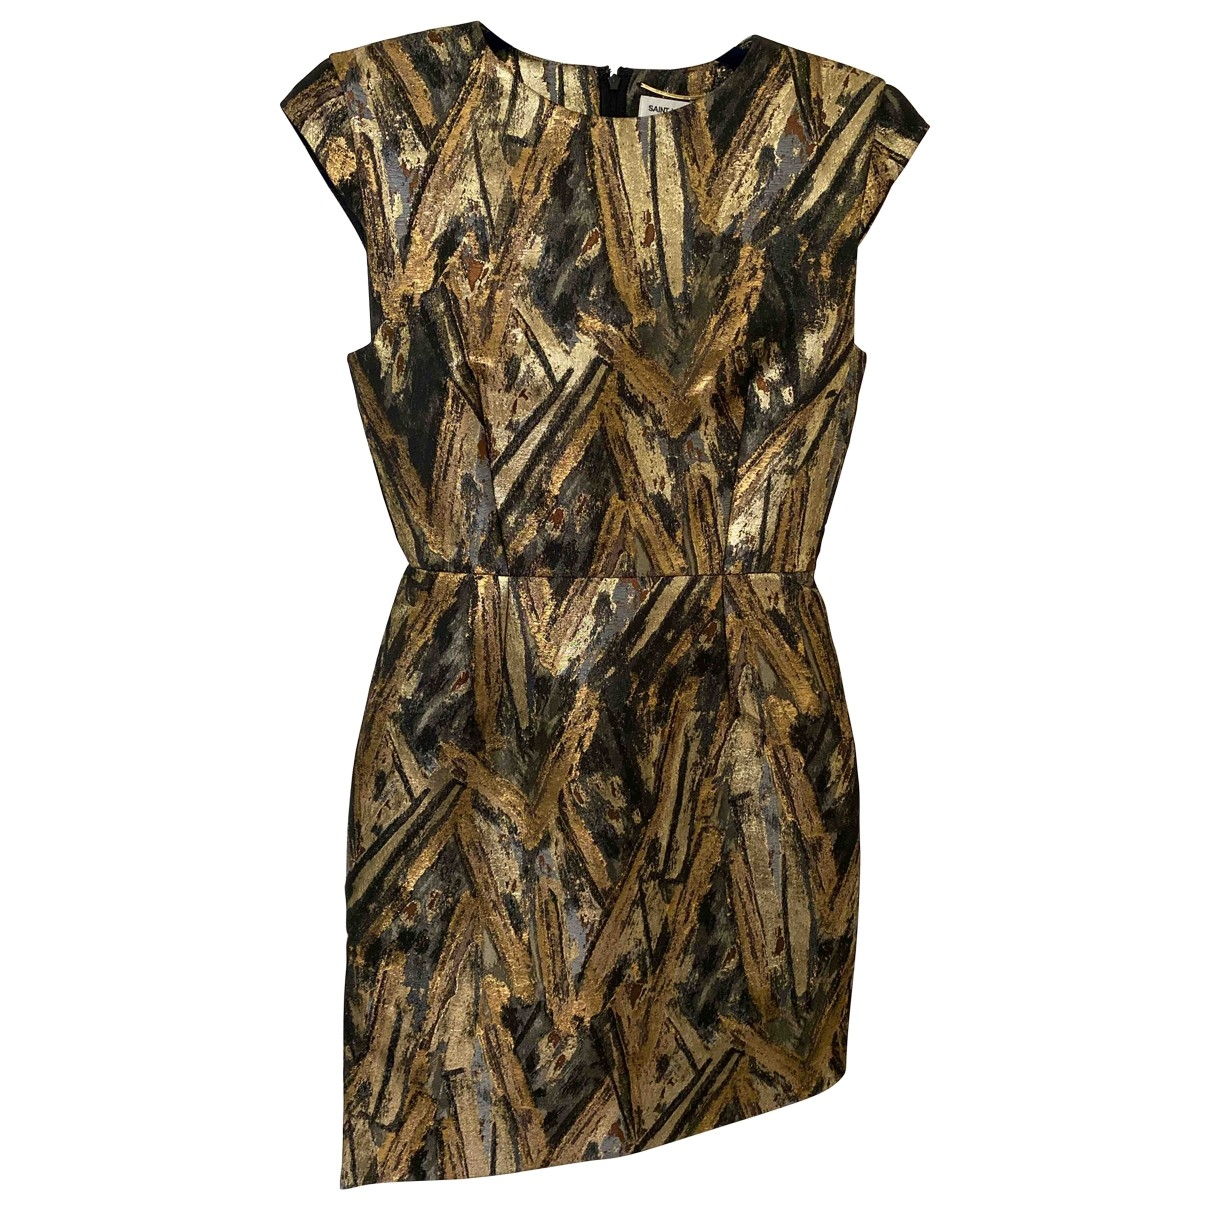 Saint Laurent \N Gold dress for Women 38 FR